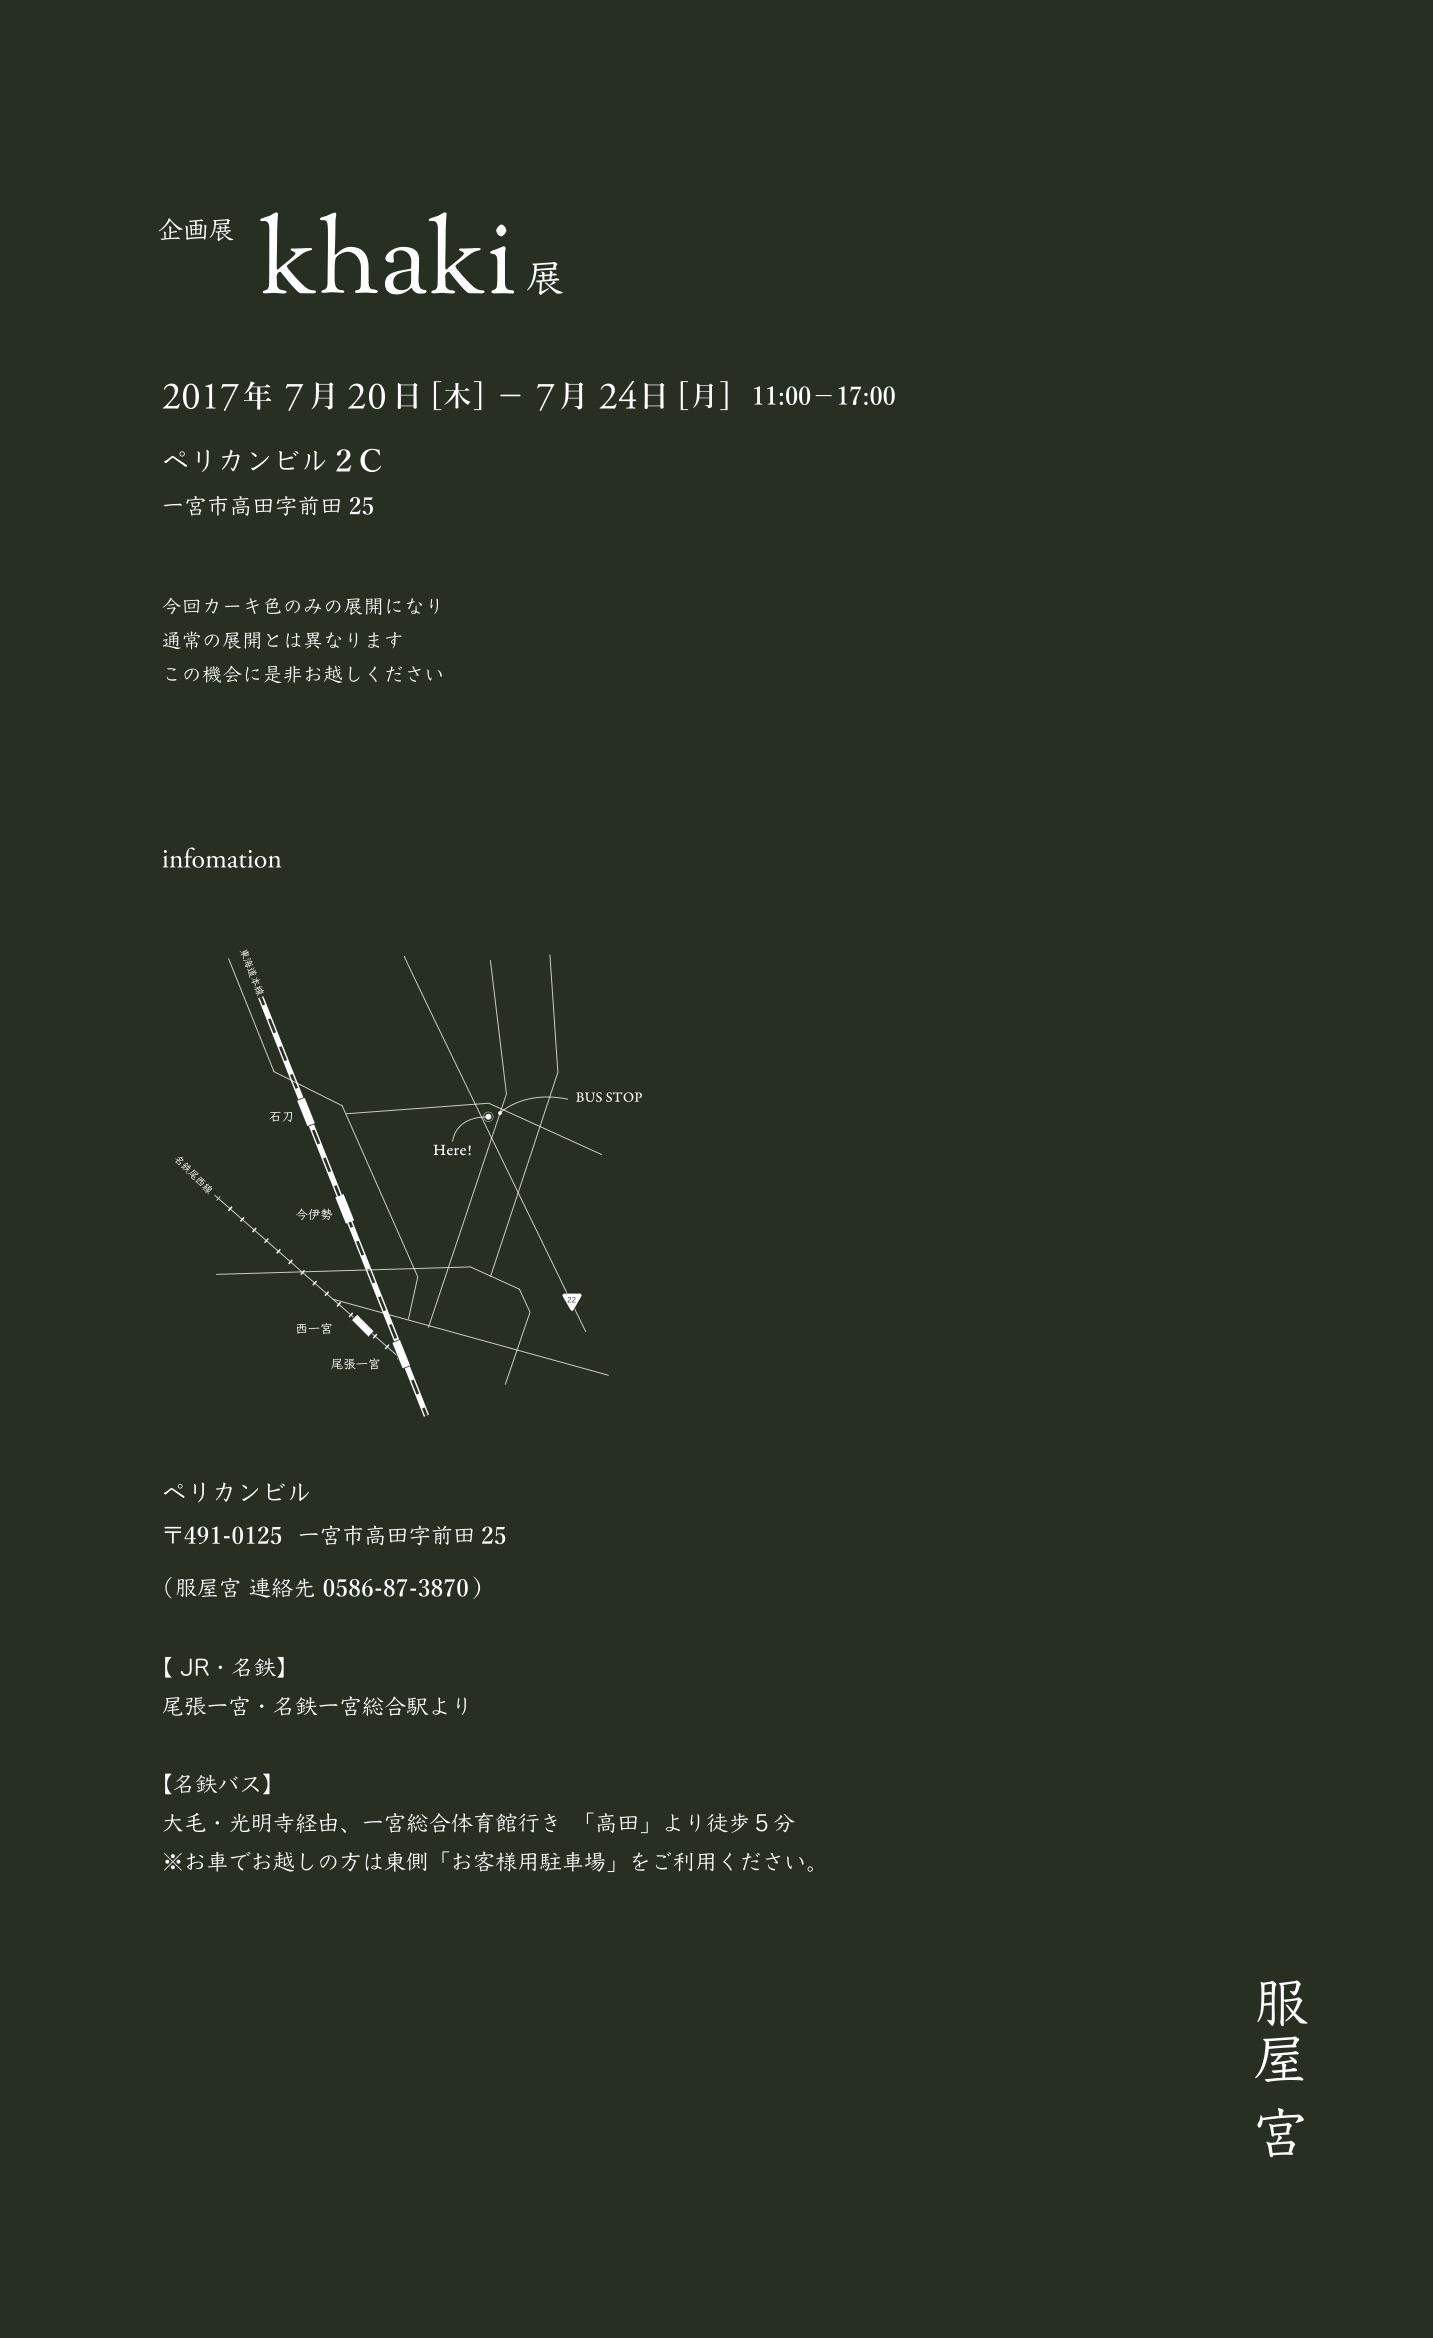 服屋 宮  Khaki展 flyer